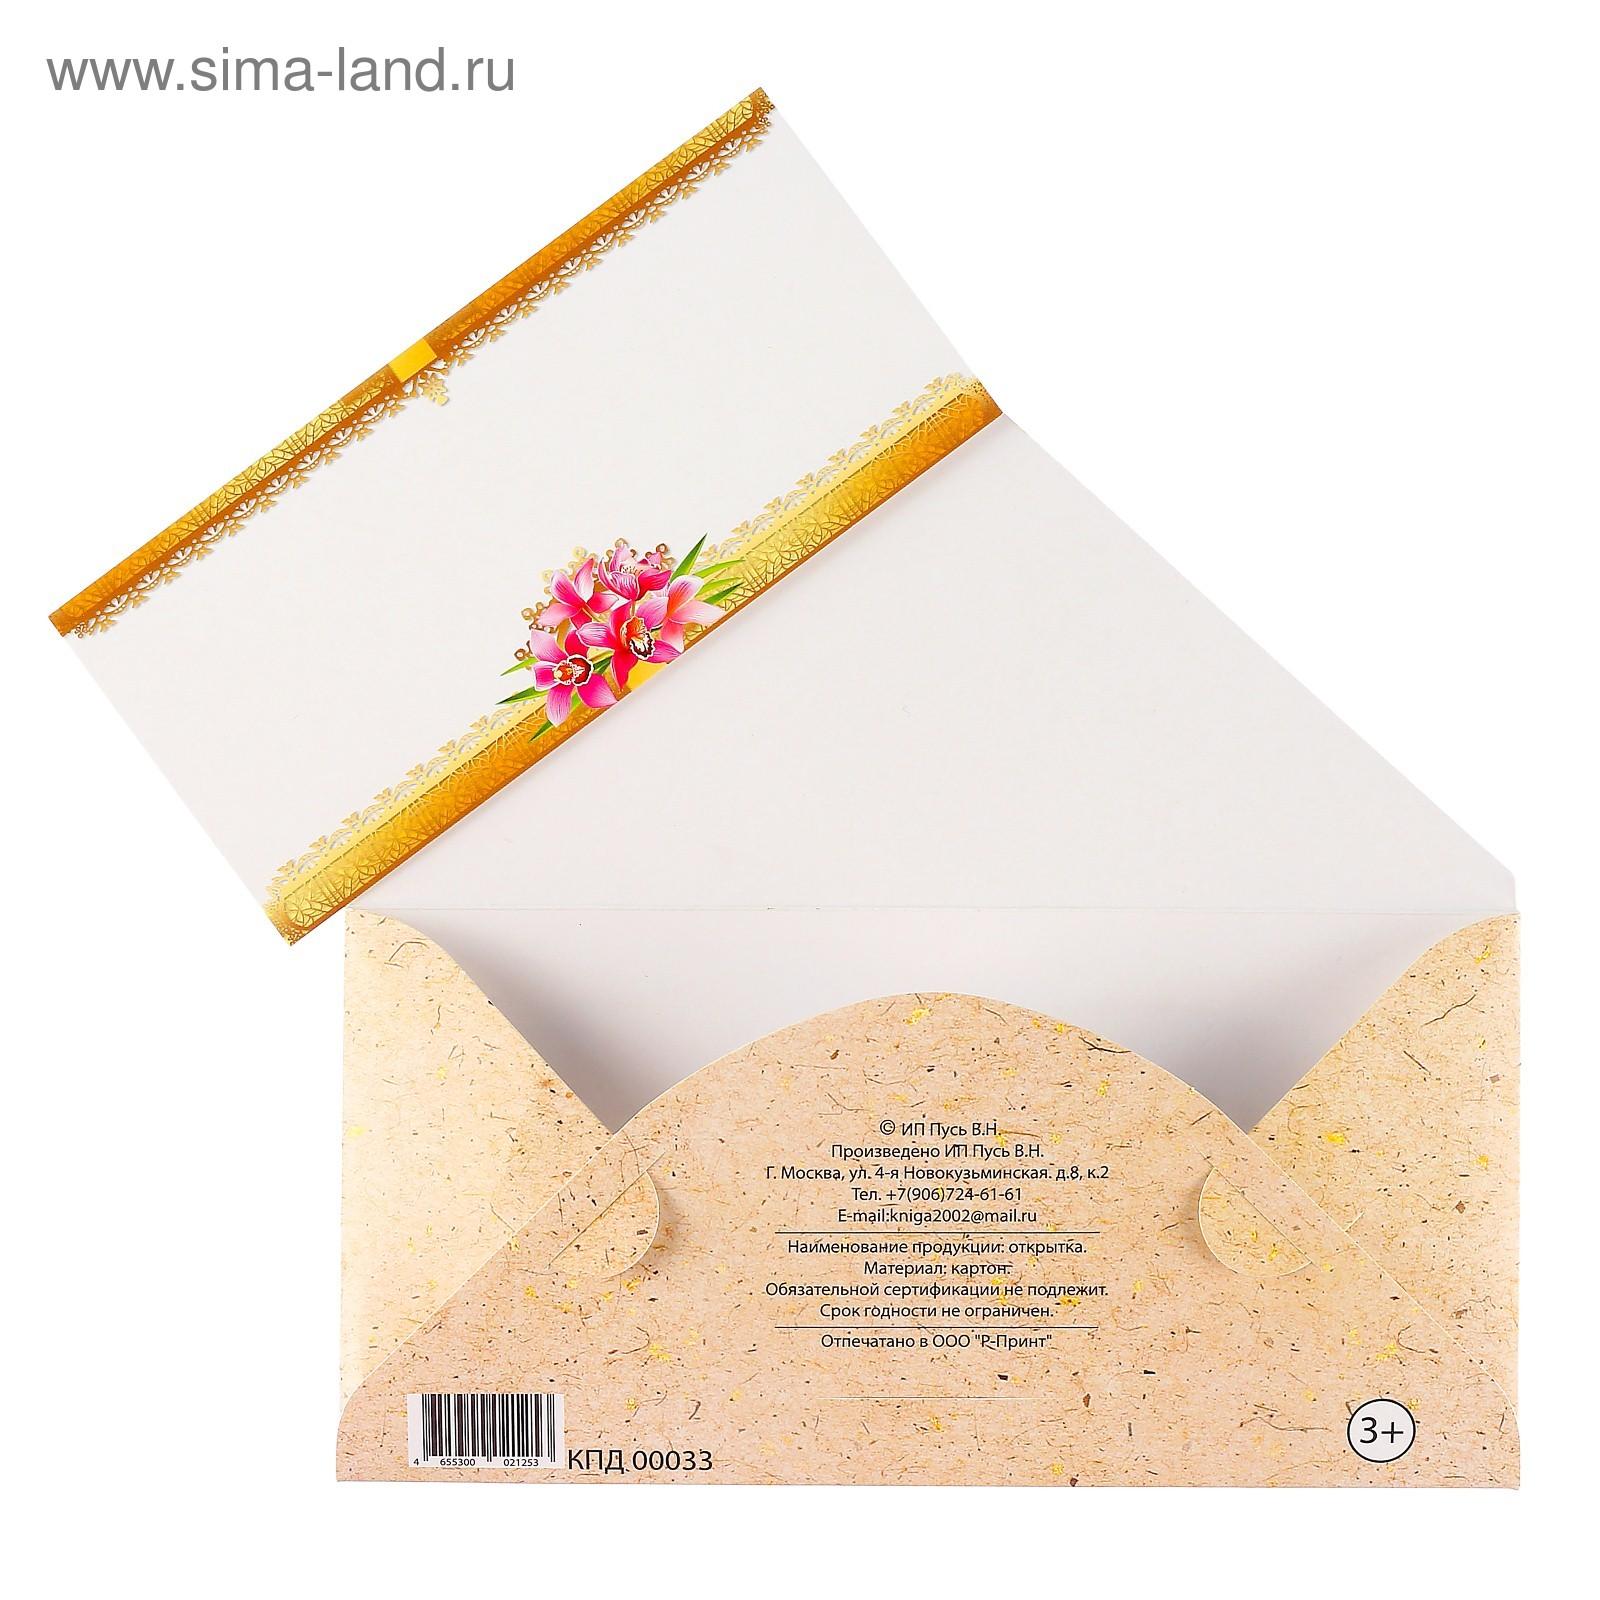 открытка конверт для денег москва следующие фотографии